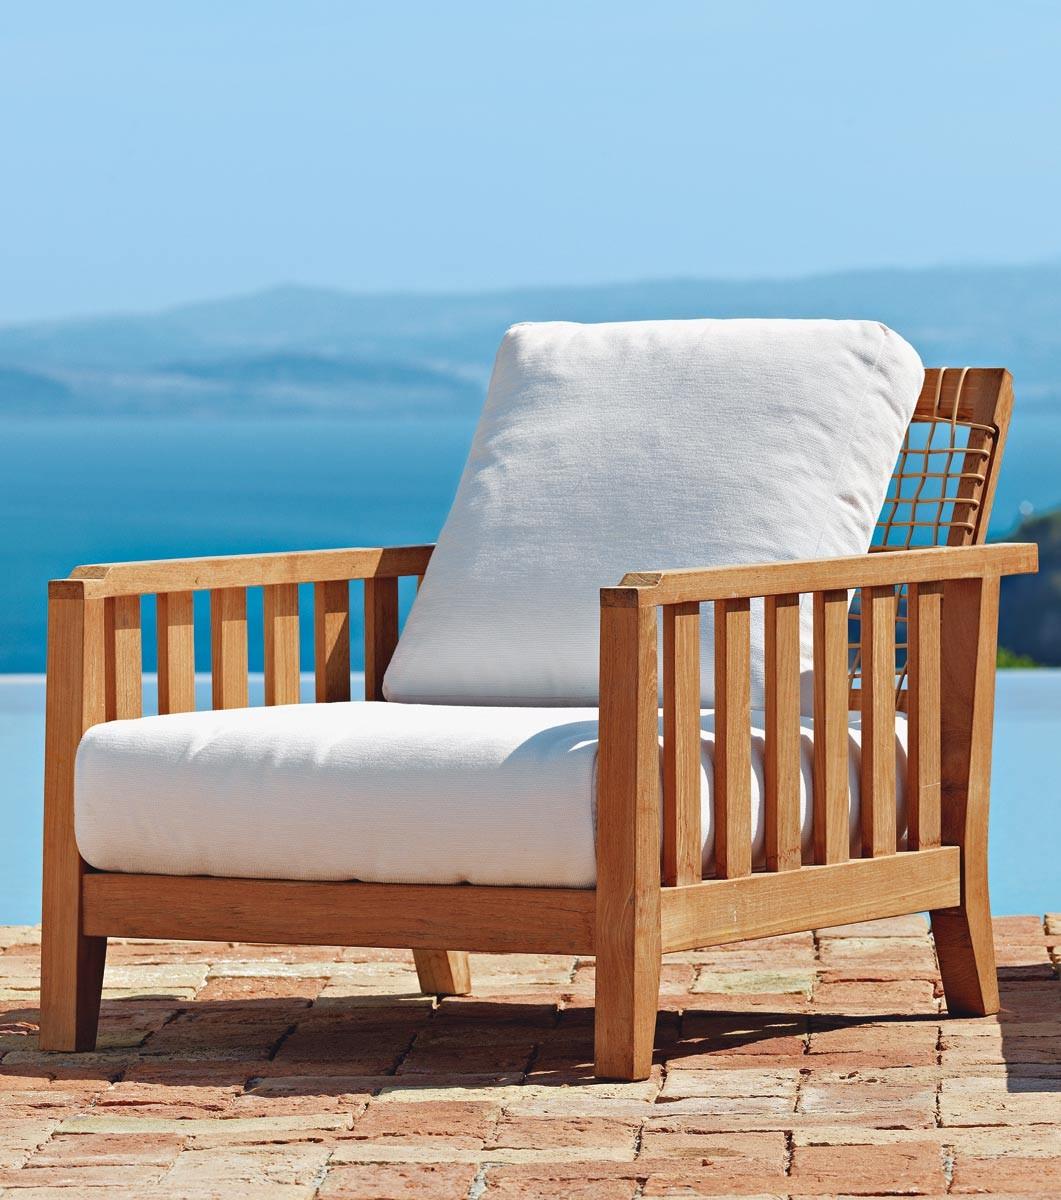 Full Size of Liegesessel Verstellbar Elektrisch Garten Liegestuhl Verstellbare Ikea Sessel Verstellbarer Synthesis Unopi Sofa Mit Sitztiefe Wohnzimmer Liegesessel Verstellbar